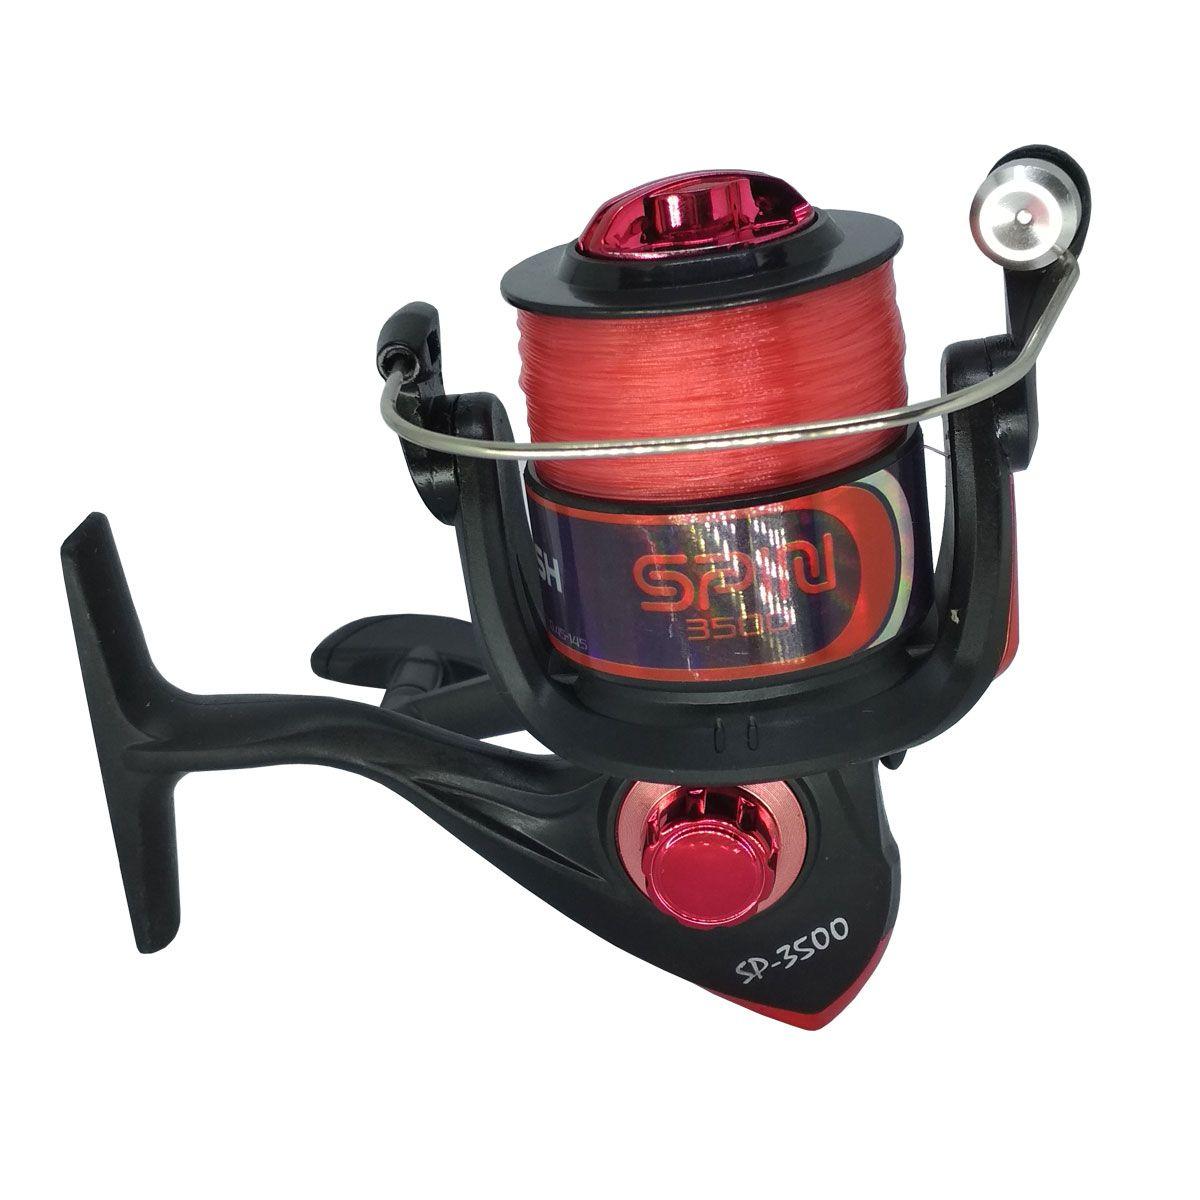 Molinete Plusfish Spin 3500 1 Rol 5.2:1 Vermelho